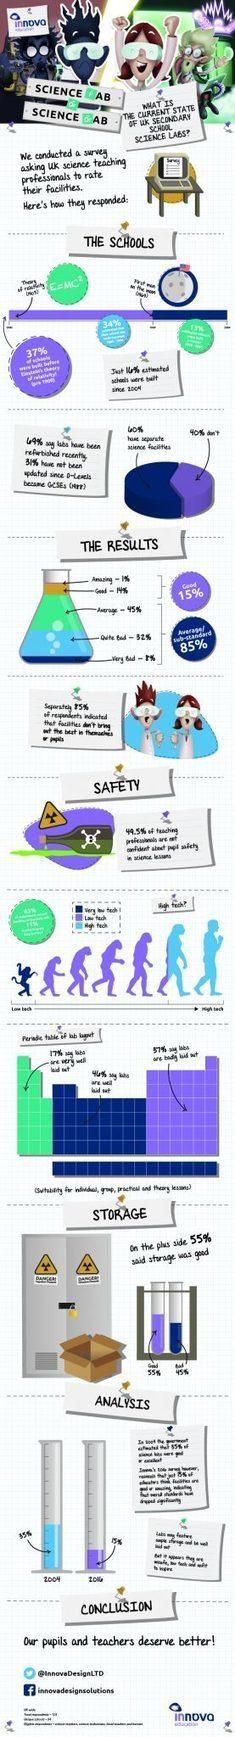 Secondary School Science Labs Infographic | Teacher's corner | Scoop.it